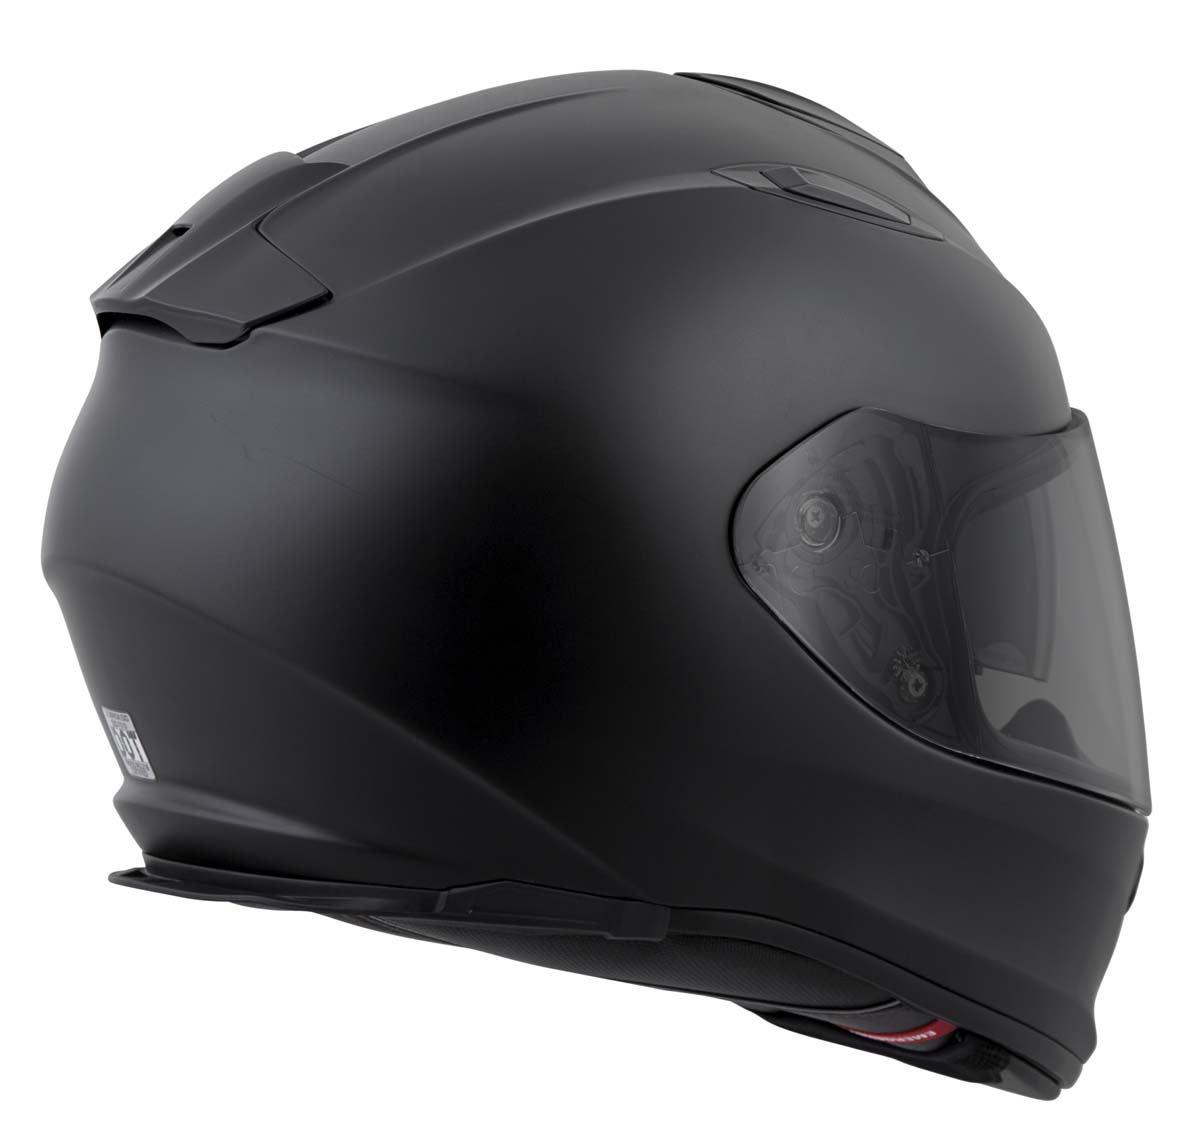 Scorpion-EXO-T510-Helmet-Full-Face-DOT-Approved-Inner-Sun-Shield miniature 7